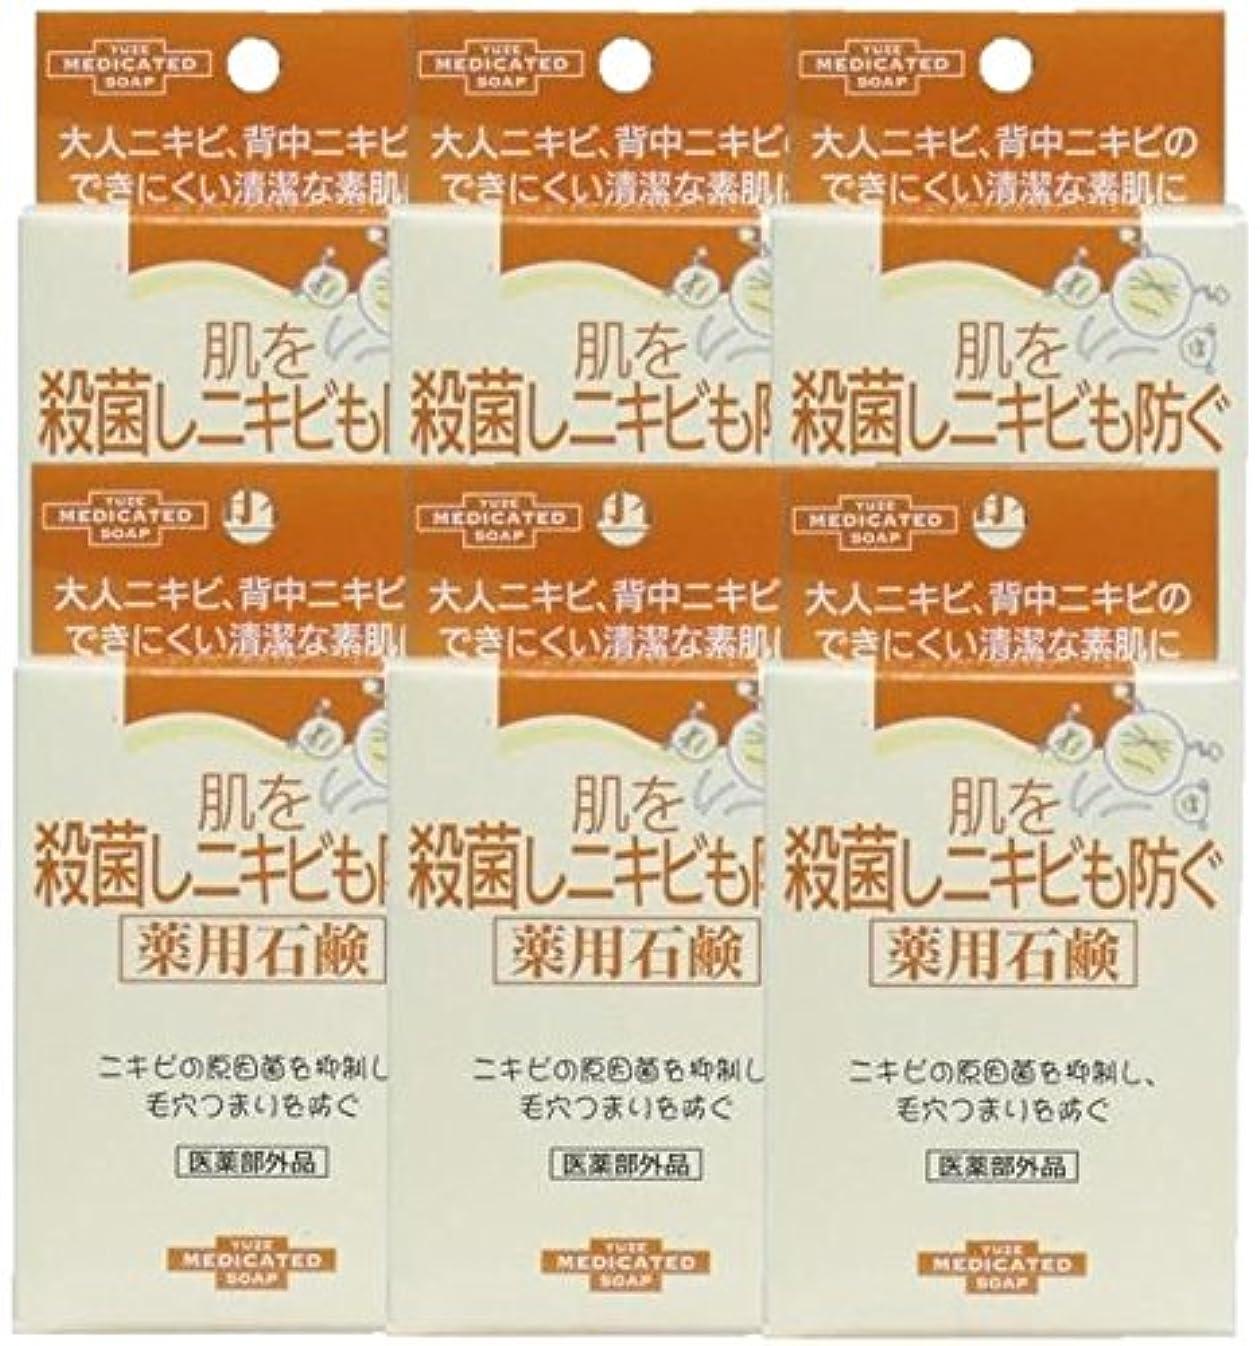 不調和騒々しい欺ユゼ 肌を殺菌しニキビも防ぐ薬用石鹸 (110g)×6個セット